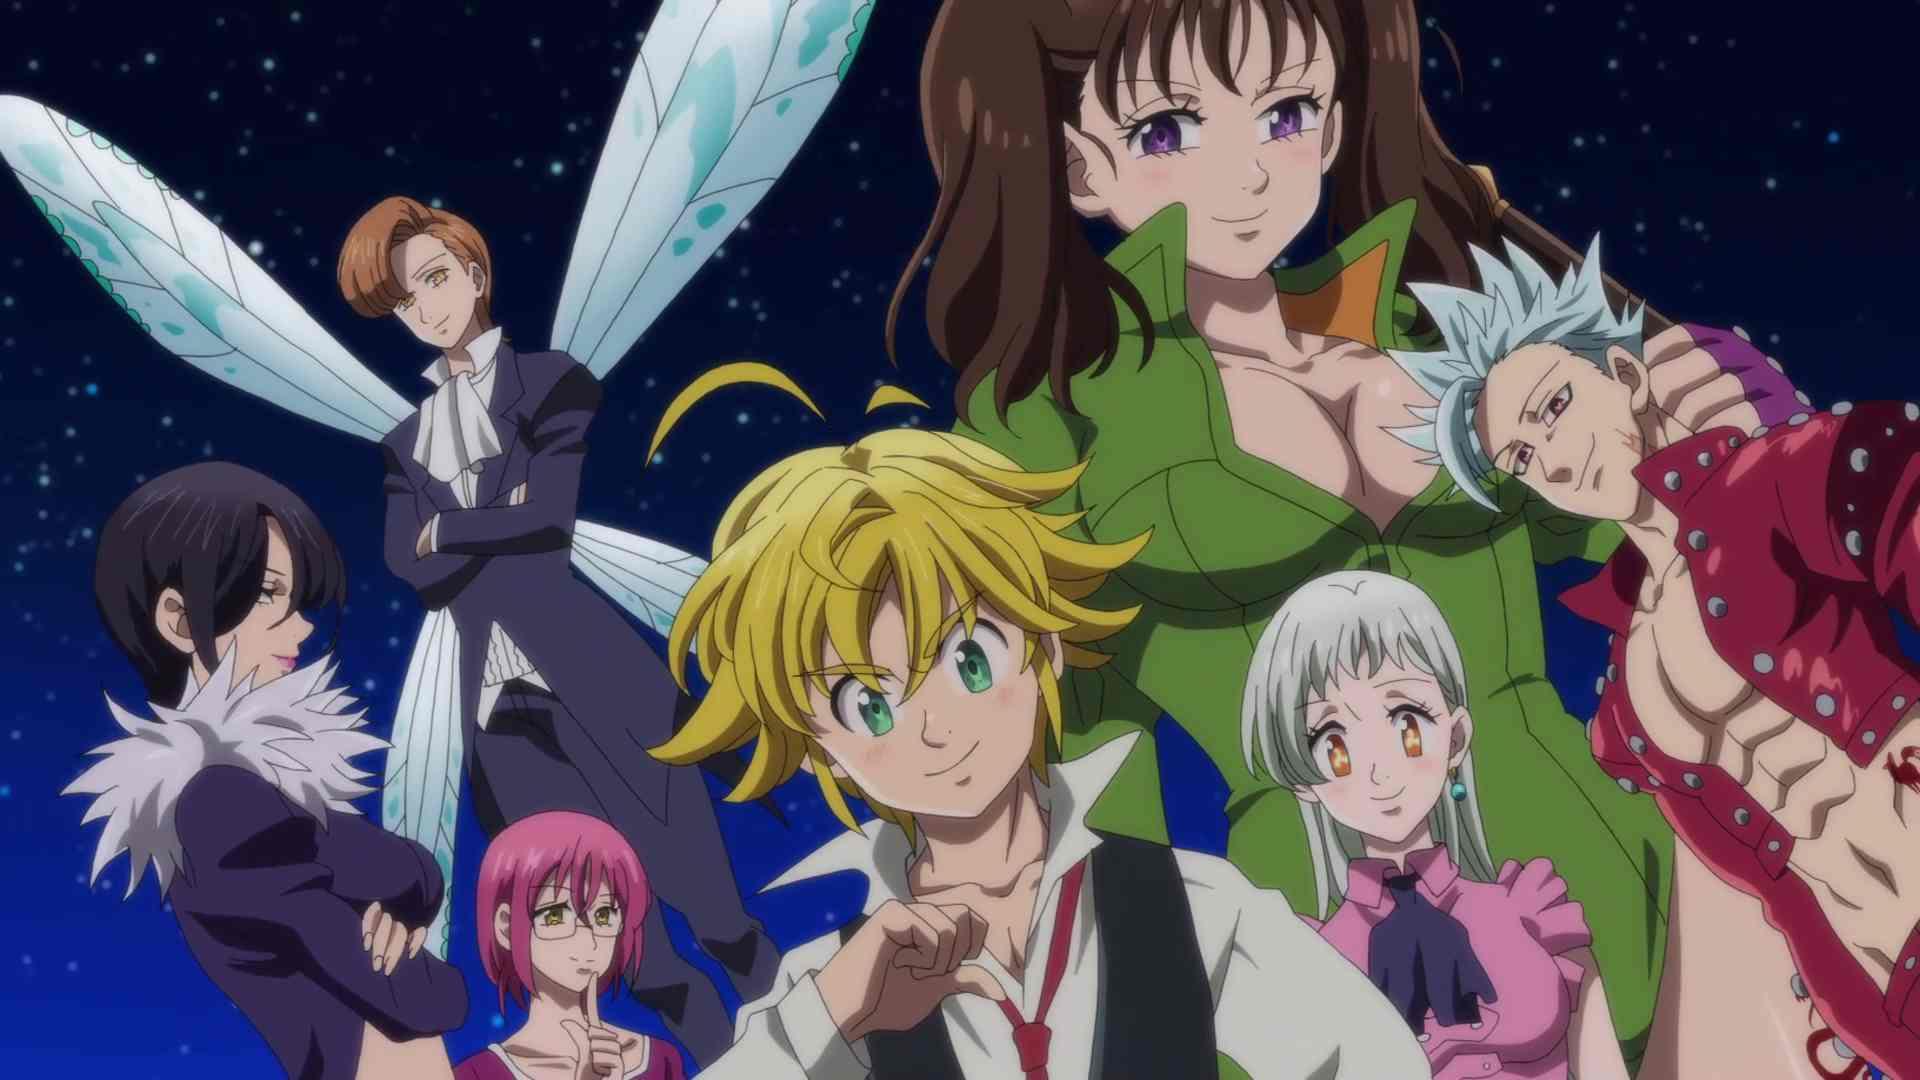 Nanatsu no Taizai, ou Os Sete Pecados Capitais, chegou ao fim hoje na emissora de TV Japonesa, TV Tokyo, após 7 anos de exibição.